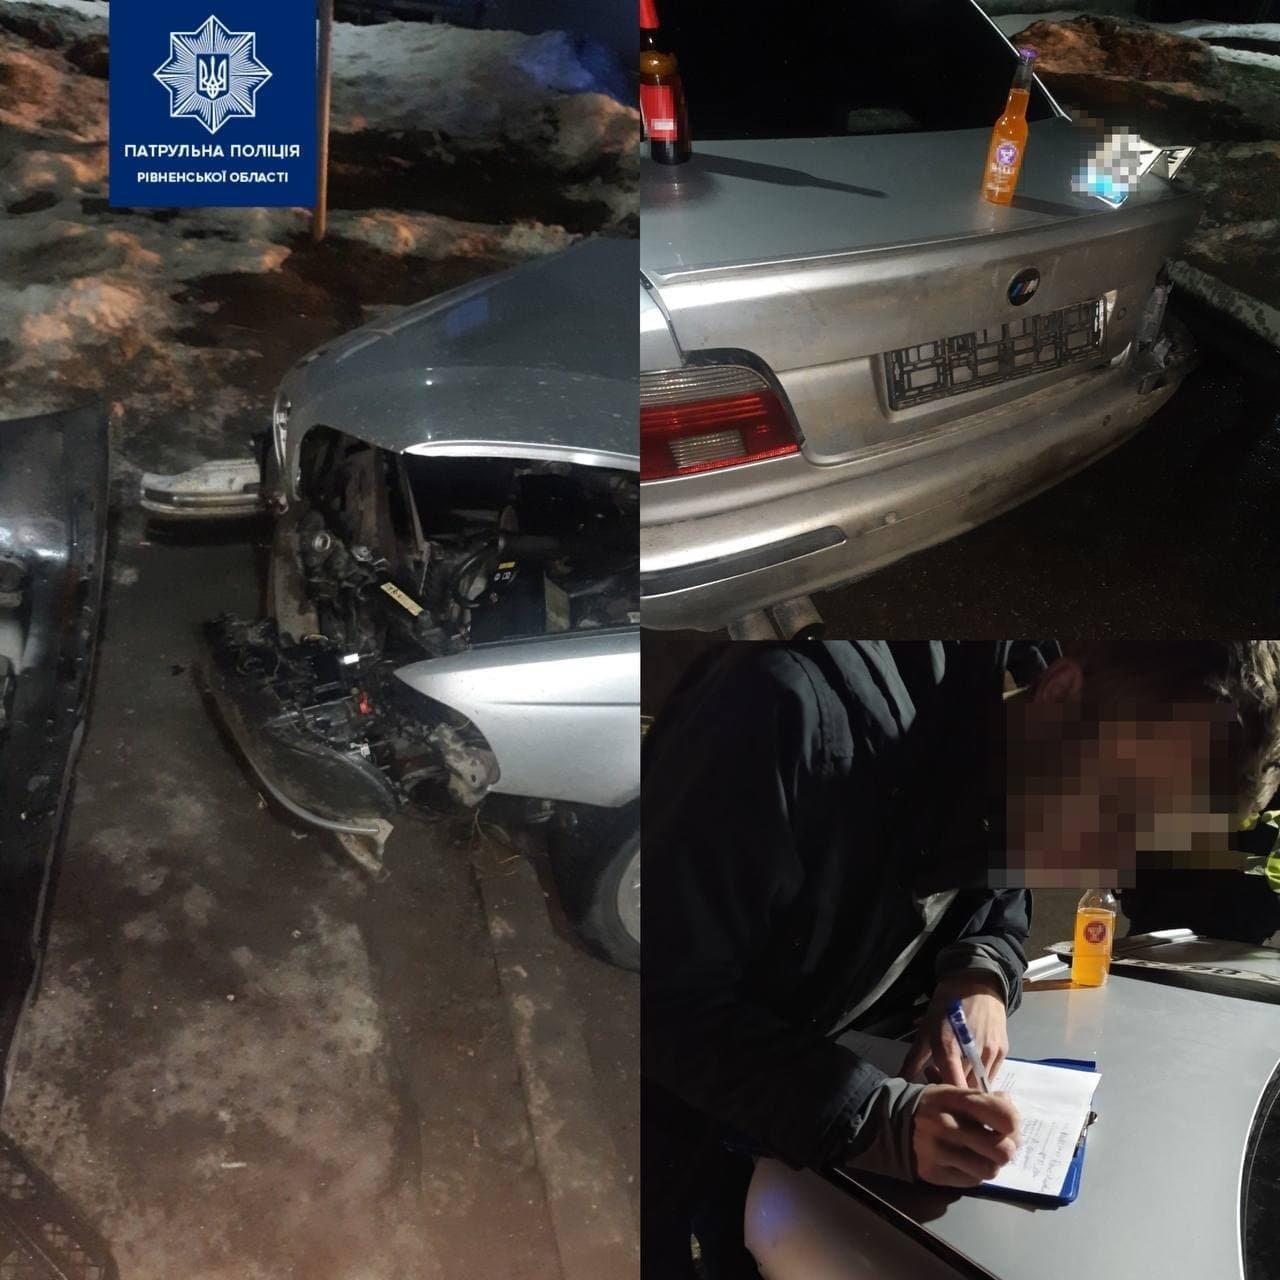 Нетверезий водій скоїв ДТП на міжнародній трасі на Рівненщині (ФОТО), фото-1